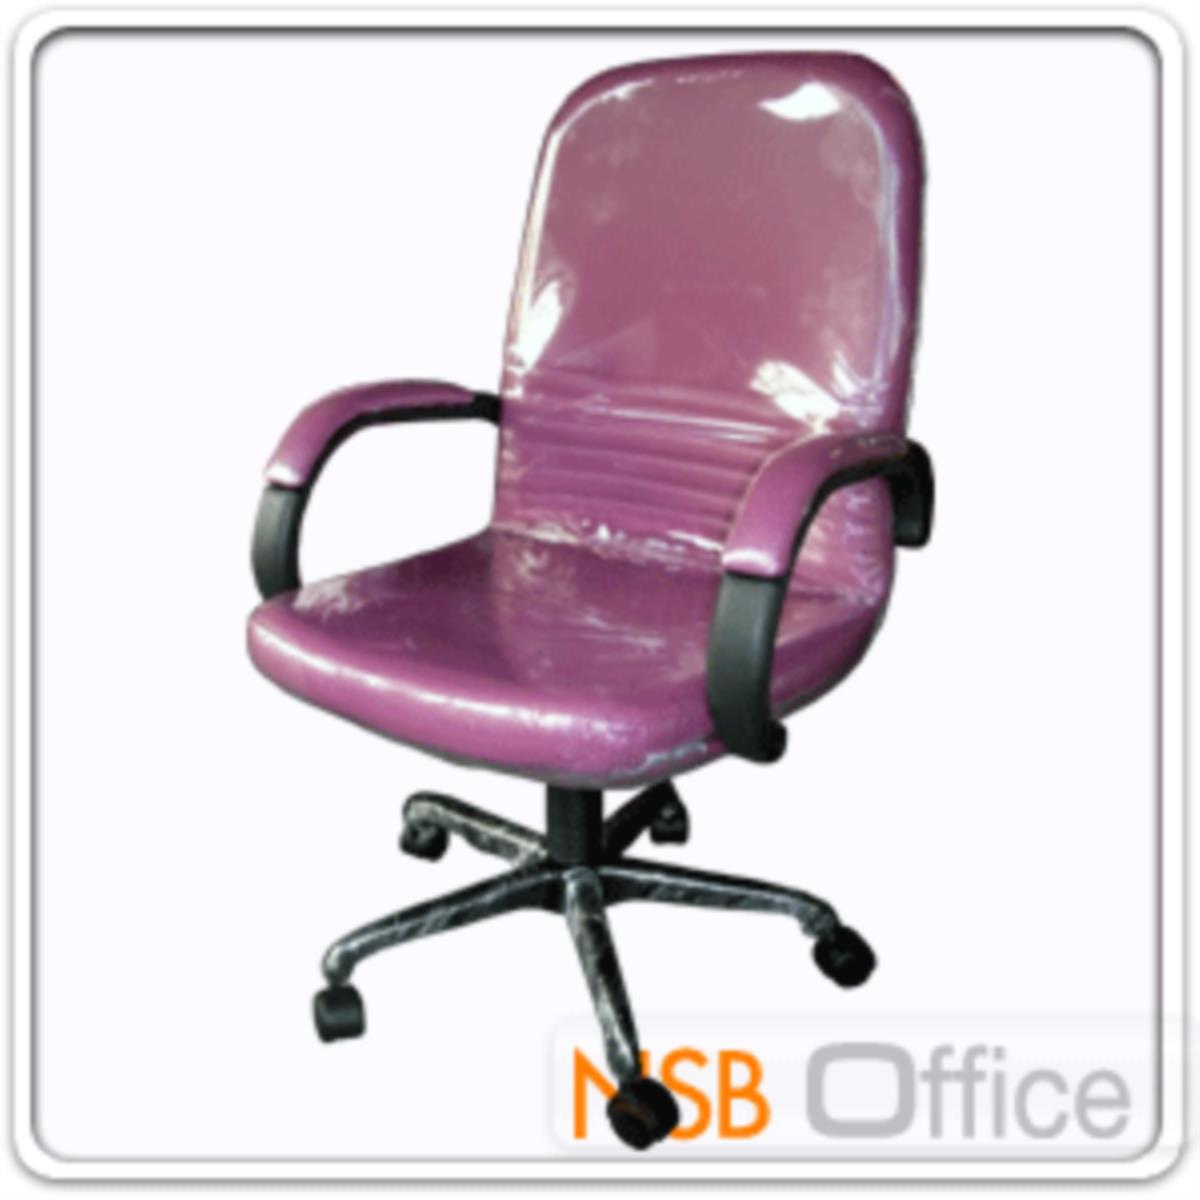 เก้าอี้สำนักงาน รุ่น Esme (เอสเม่)  ขาเหล็ก